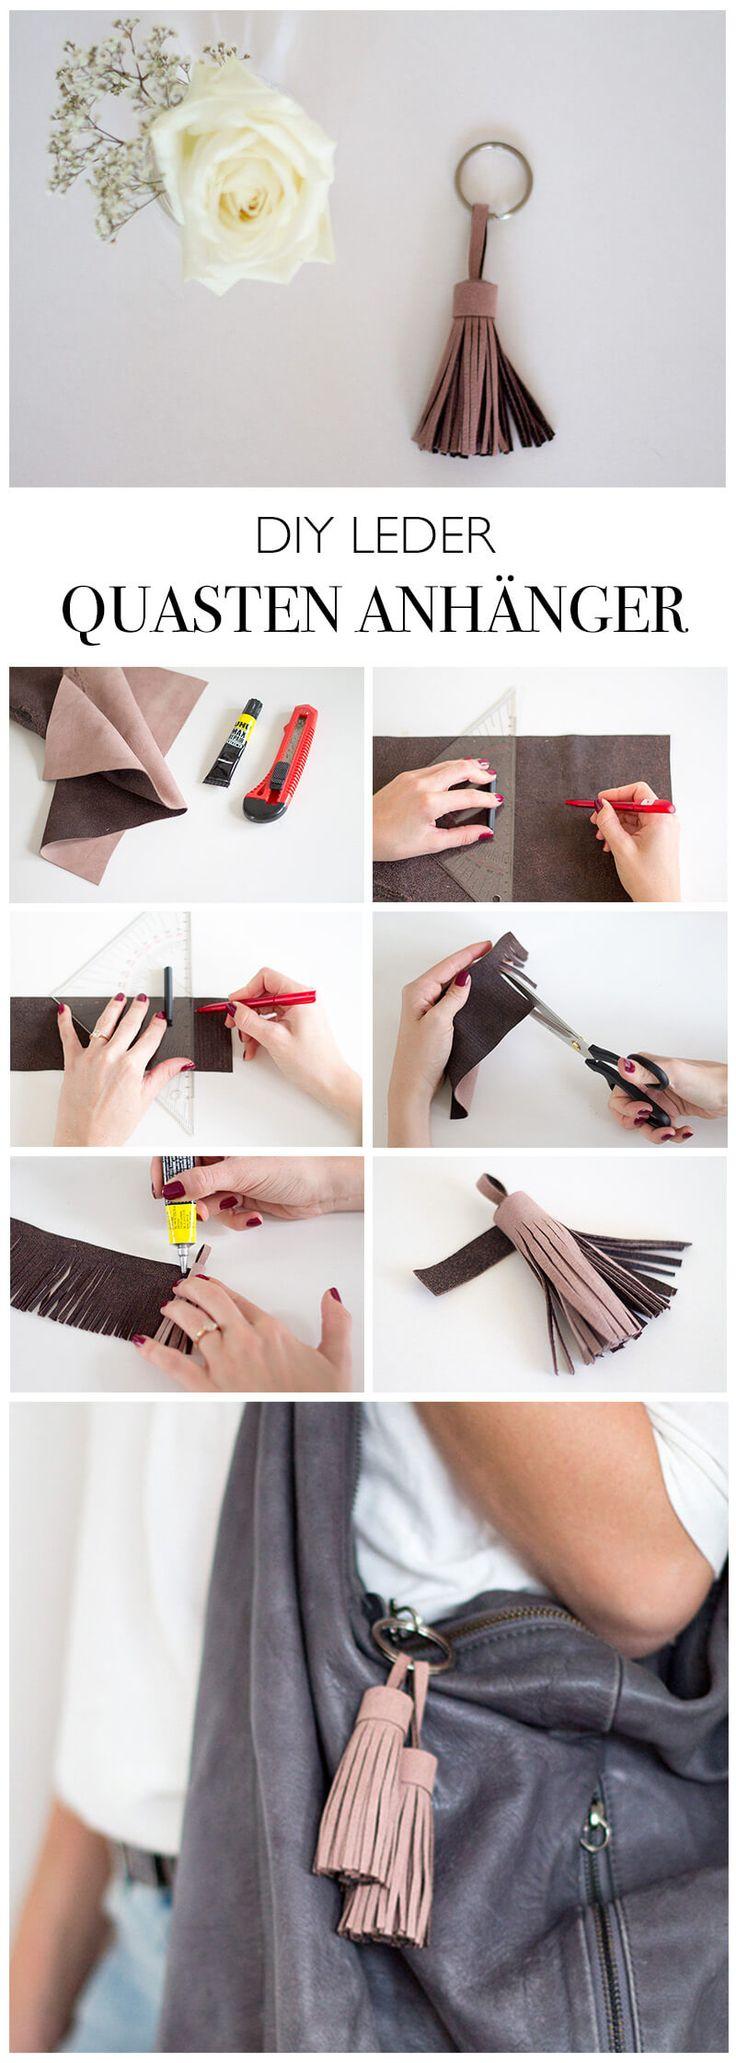 die besten 25 taschen selber machen ideen auf pinterest selber machen taschen. Black Bedroom Furniture Sets. Home Design Ideas